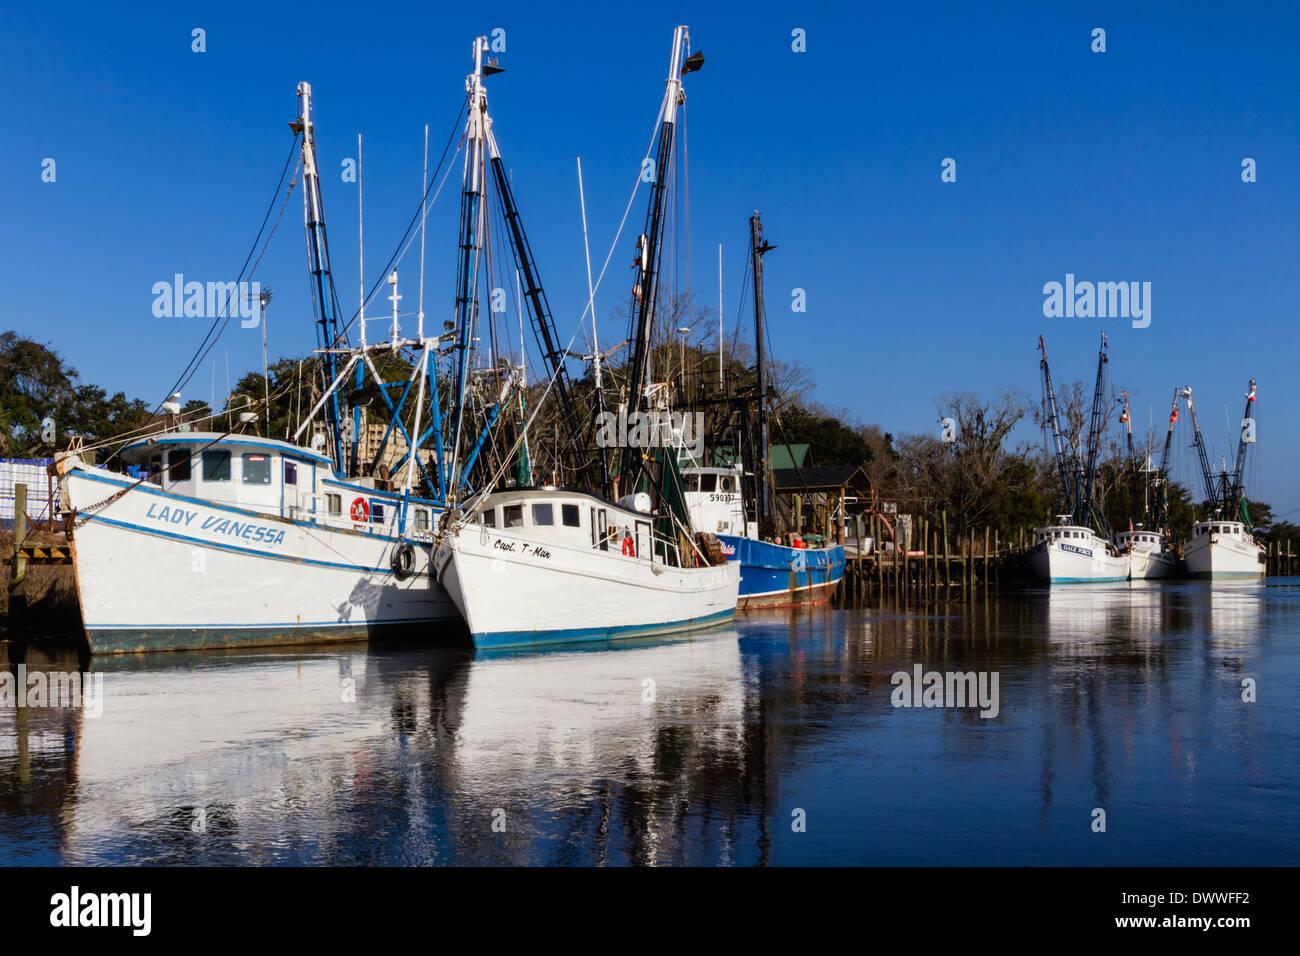 Gamberetti barche sul Fiume Altamaha, Darien, Geogria Immagini Stock